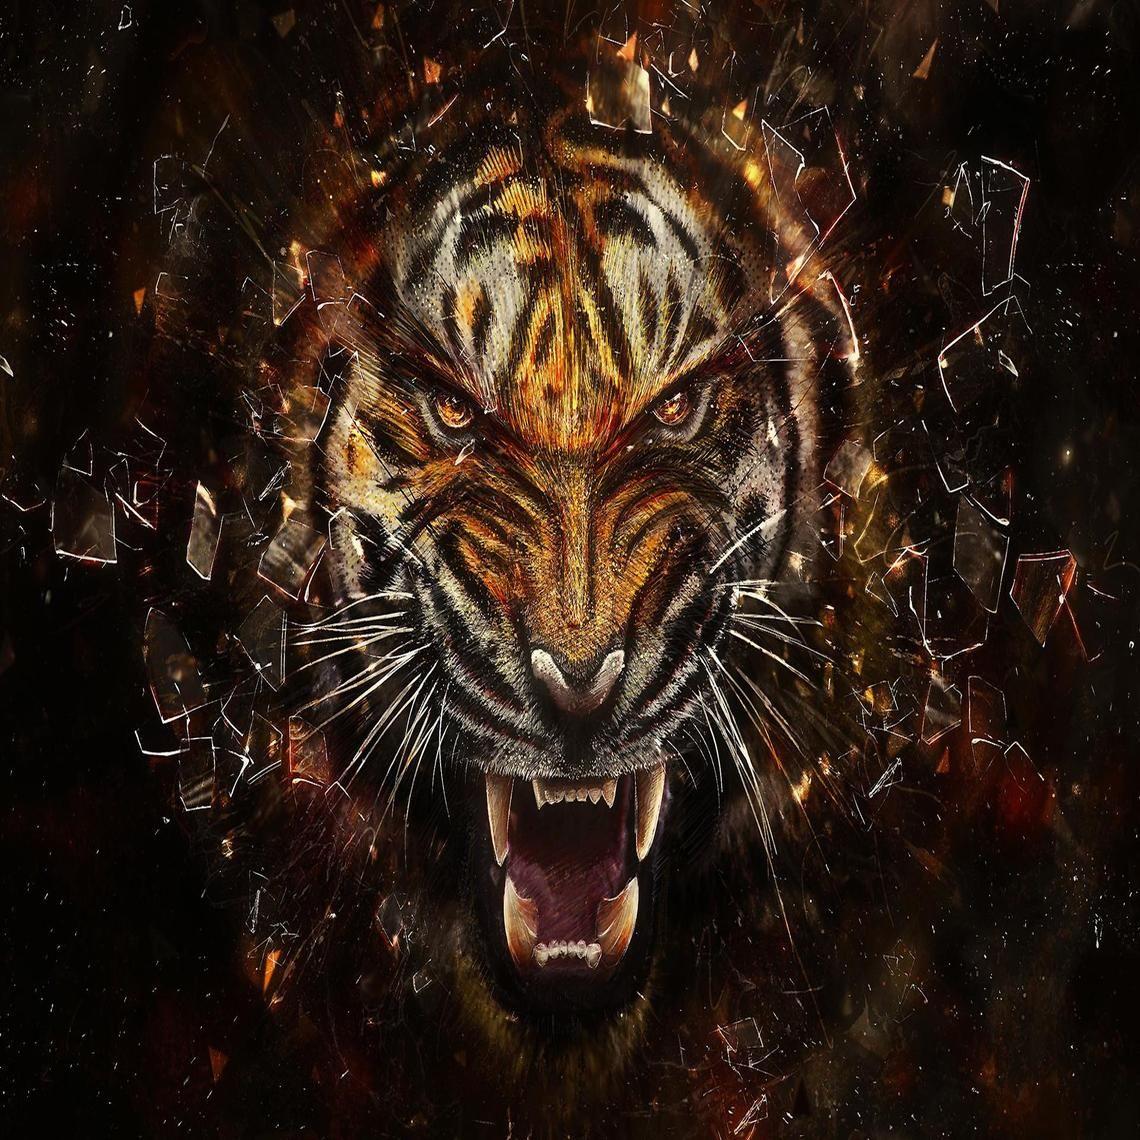 Angry Tiger Artwork Tiger Art Work Tiger Artwork Tiger